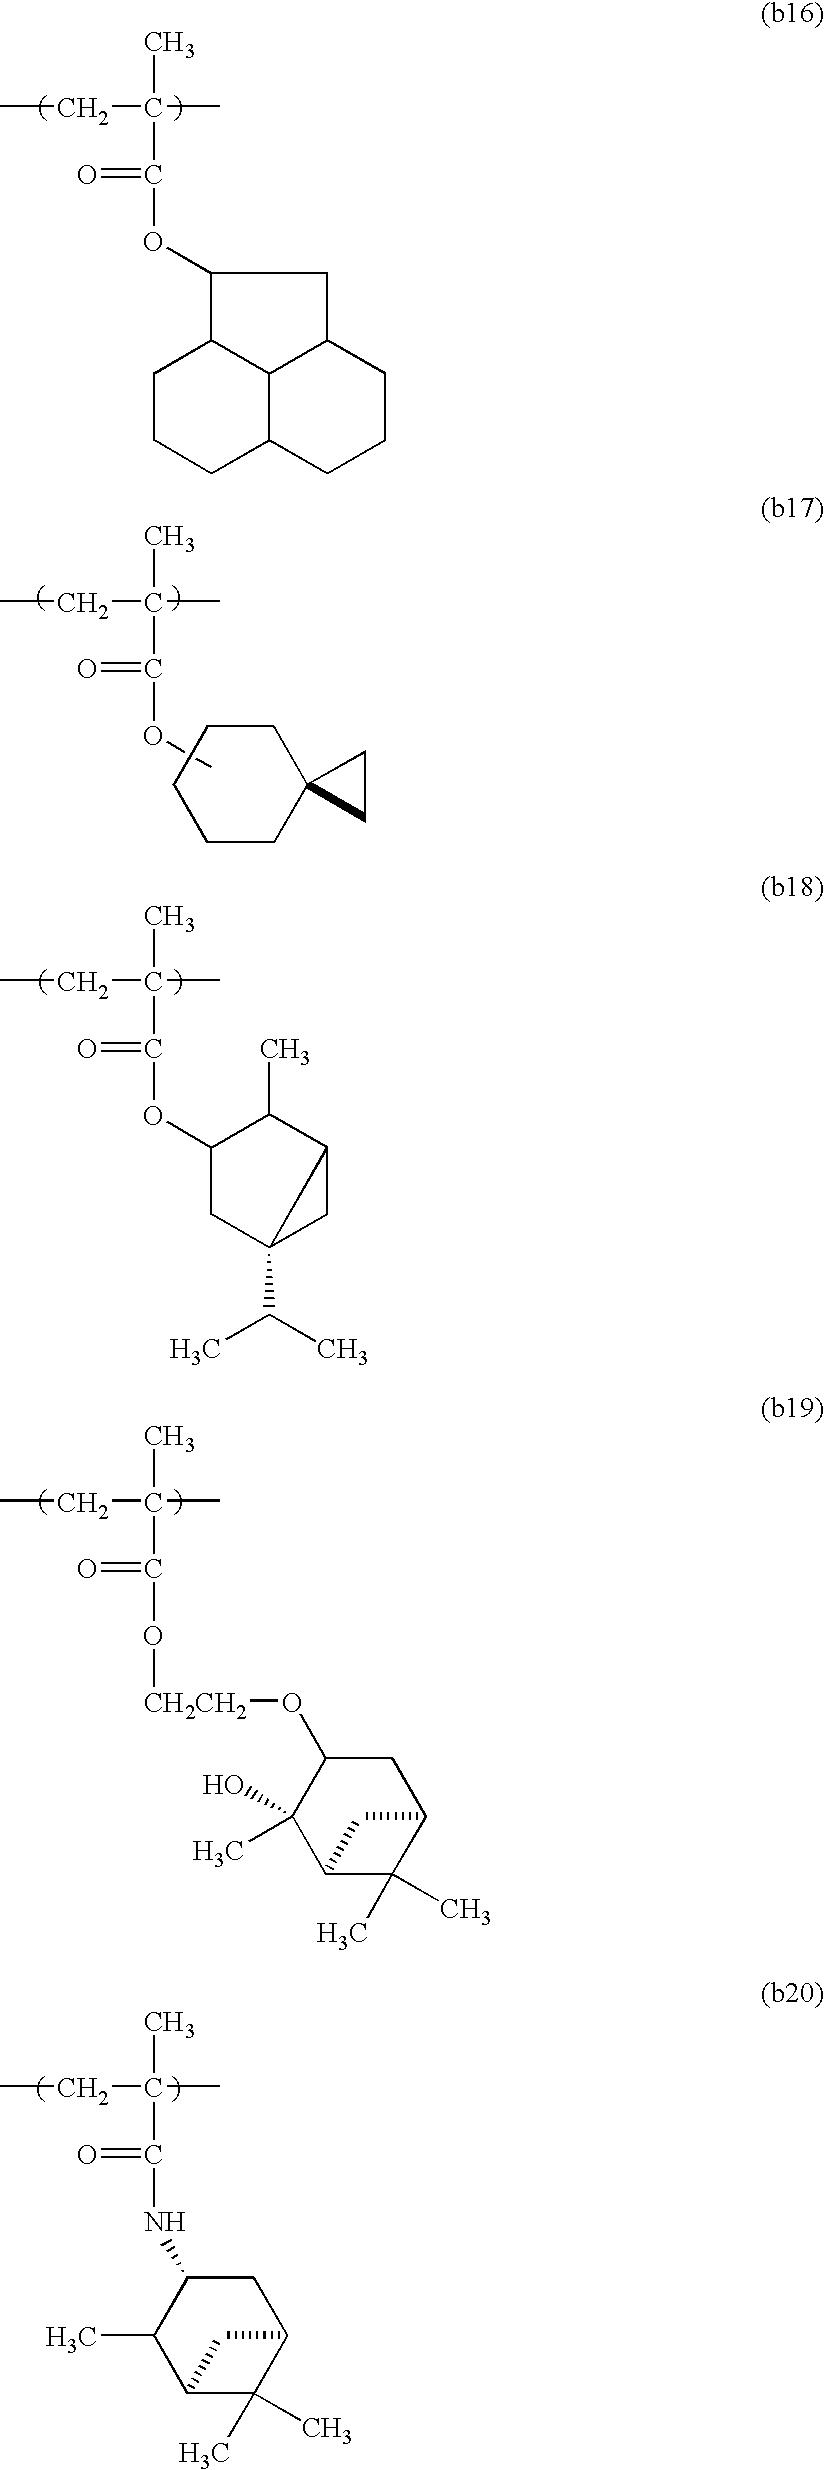 Figure US20070003871A1-20070104-C00067